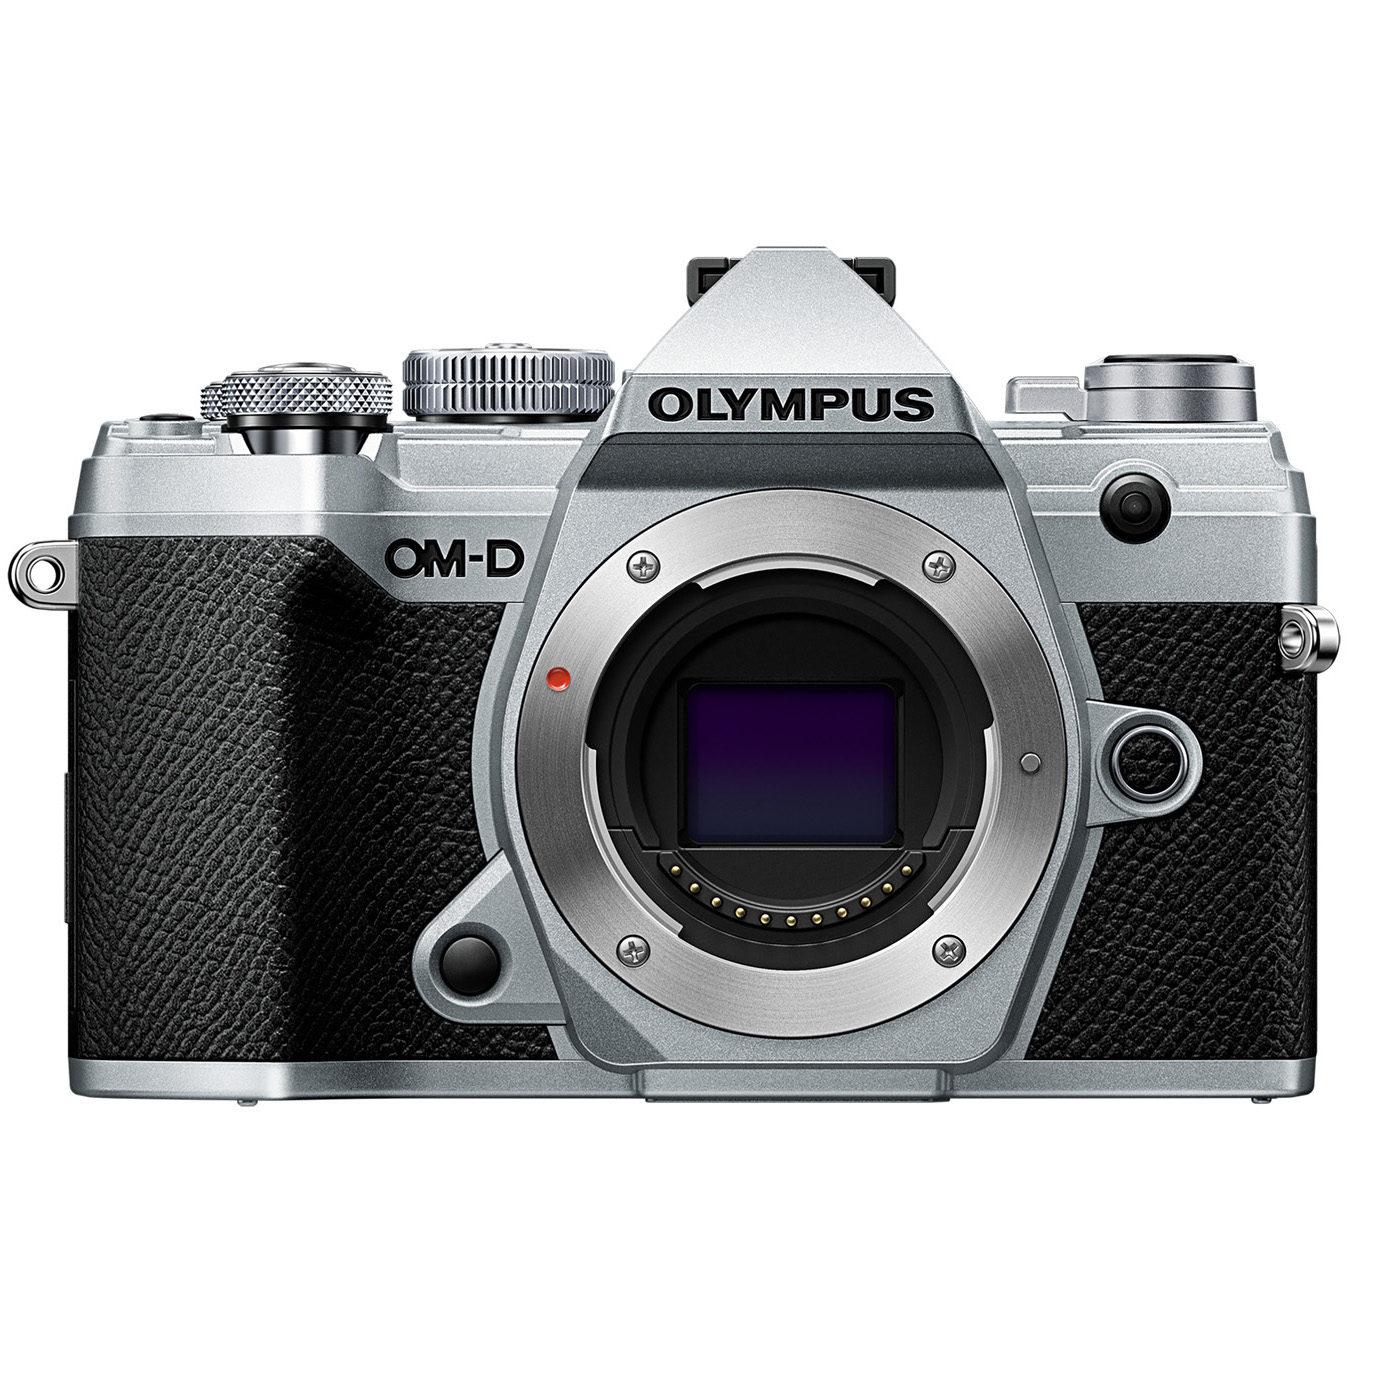 Olympus OM-D E-M5 Mark III systeemcamera Body Zilver <br/>€ 1099.00 <br/> <a href='https://www.cameranu.nl/fotografie/?tt=12190_474631_241358_&r=https%3A%2F%2Fwww.cameranu.nl%2Fnl%2Fp3130157%2Folympus-om-d-e-m5-mark-iii-systeemcamera-body-zilver%3Fchannable%3De10841.MzEzMDE1Nw%26utm_campaign%3D%26utm_content%3DOM-D%2Bserie%26utm_source%3DTradetracker%26utm_medium%3Dcpc%26utm_term%3DDigitale%2Bcamera%26apos%3Bs' target='_blank'>naar de winkel</a>